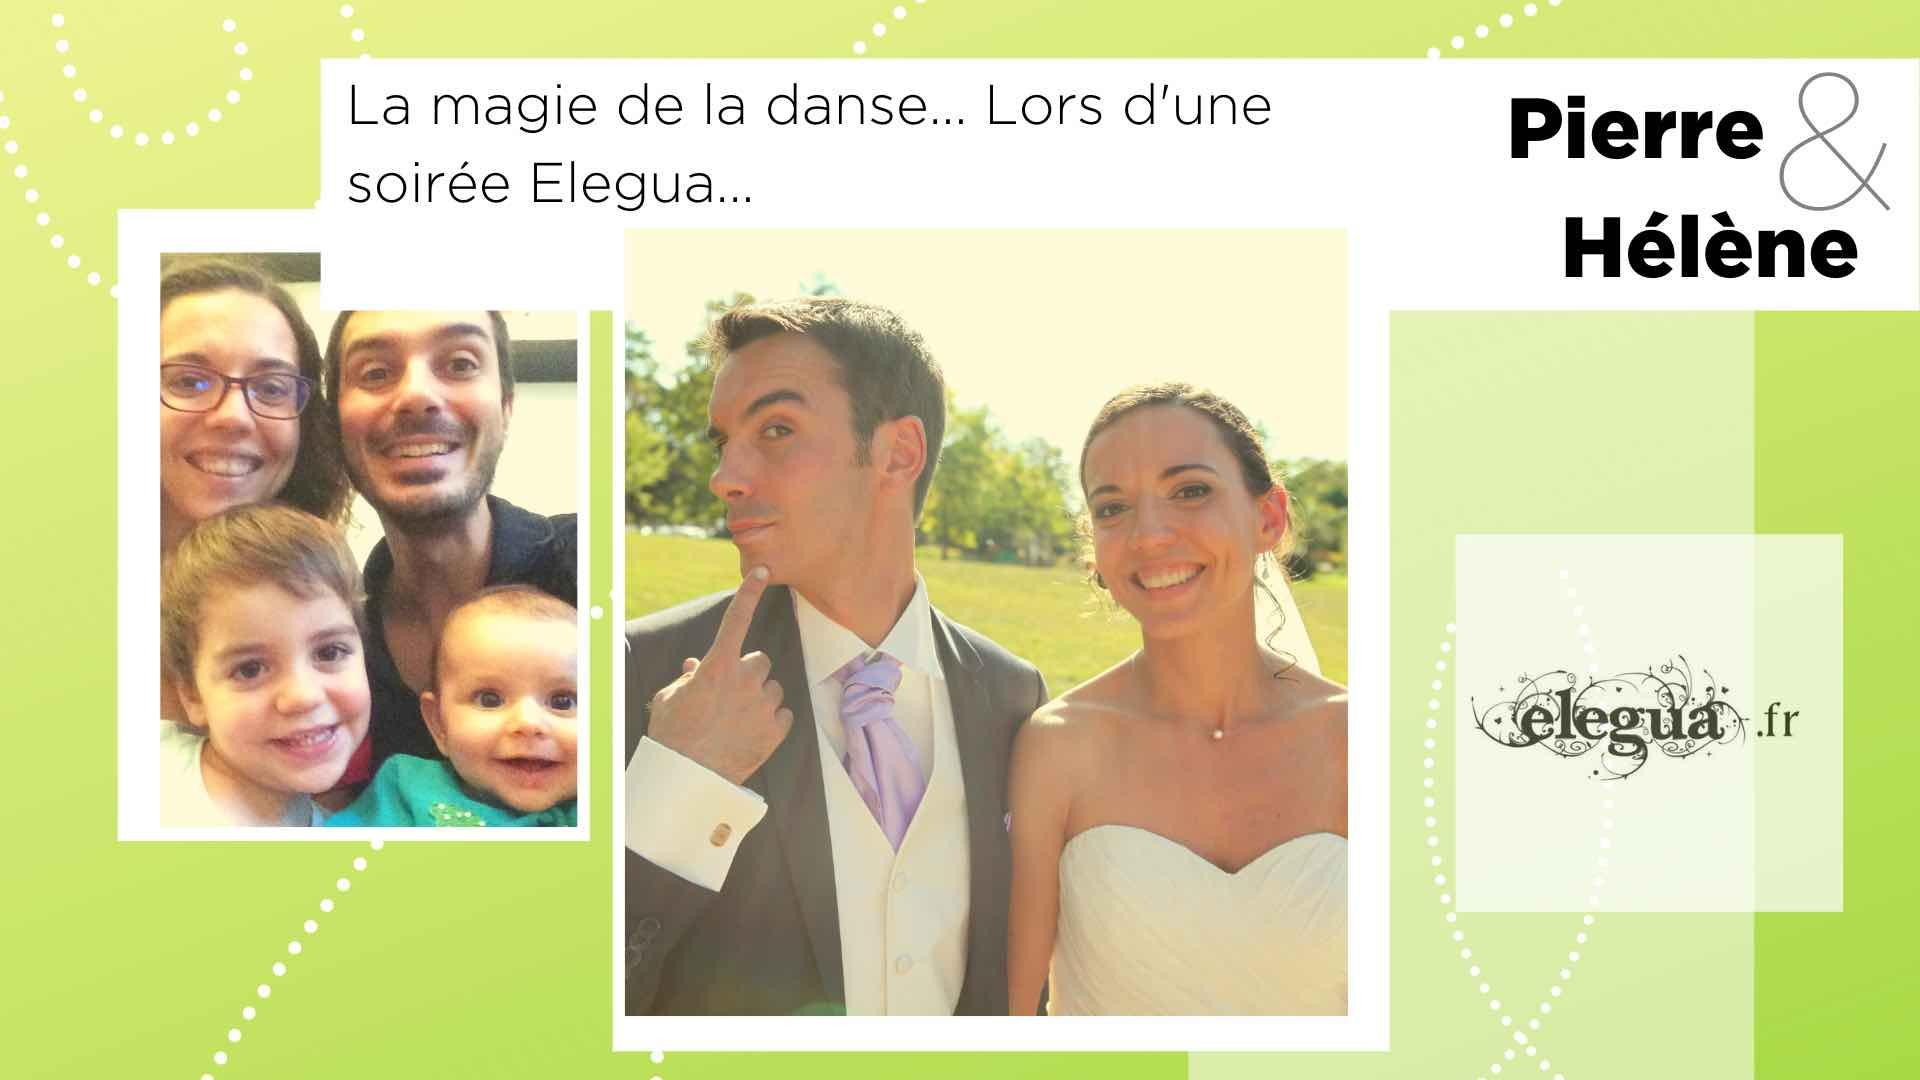 Ils ont rencontré l'amour chez Elegua : Pierre et Hélène. Pour la Saint-Valentin 8 couples nous partagent leur histoire...